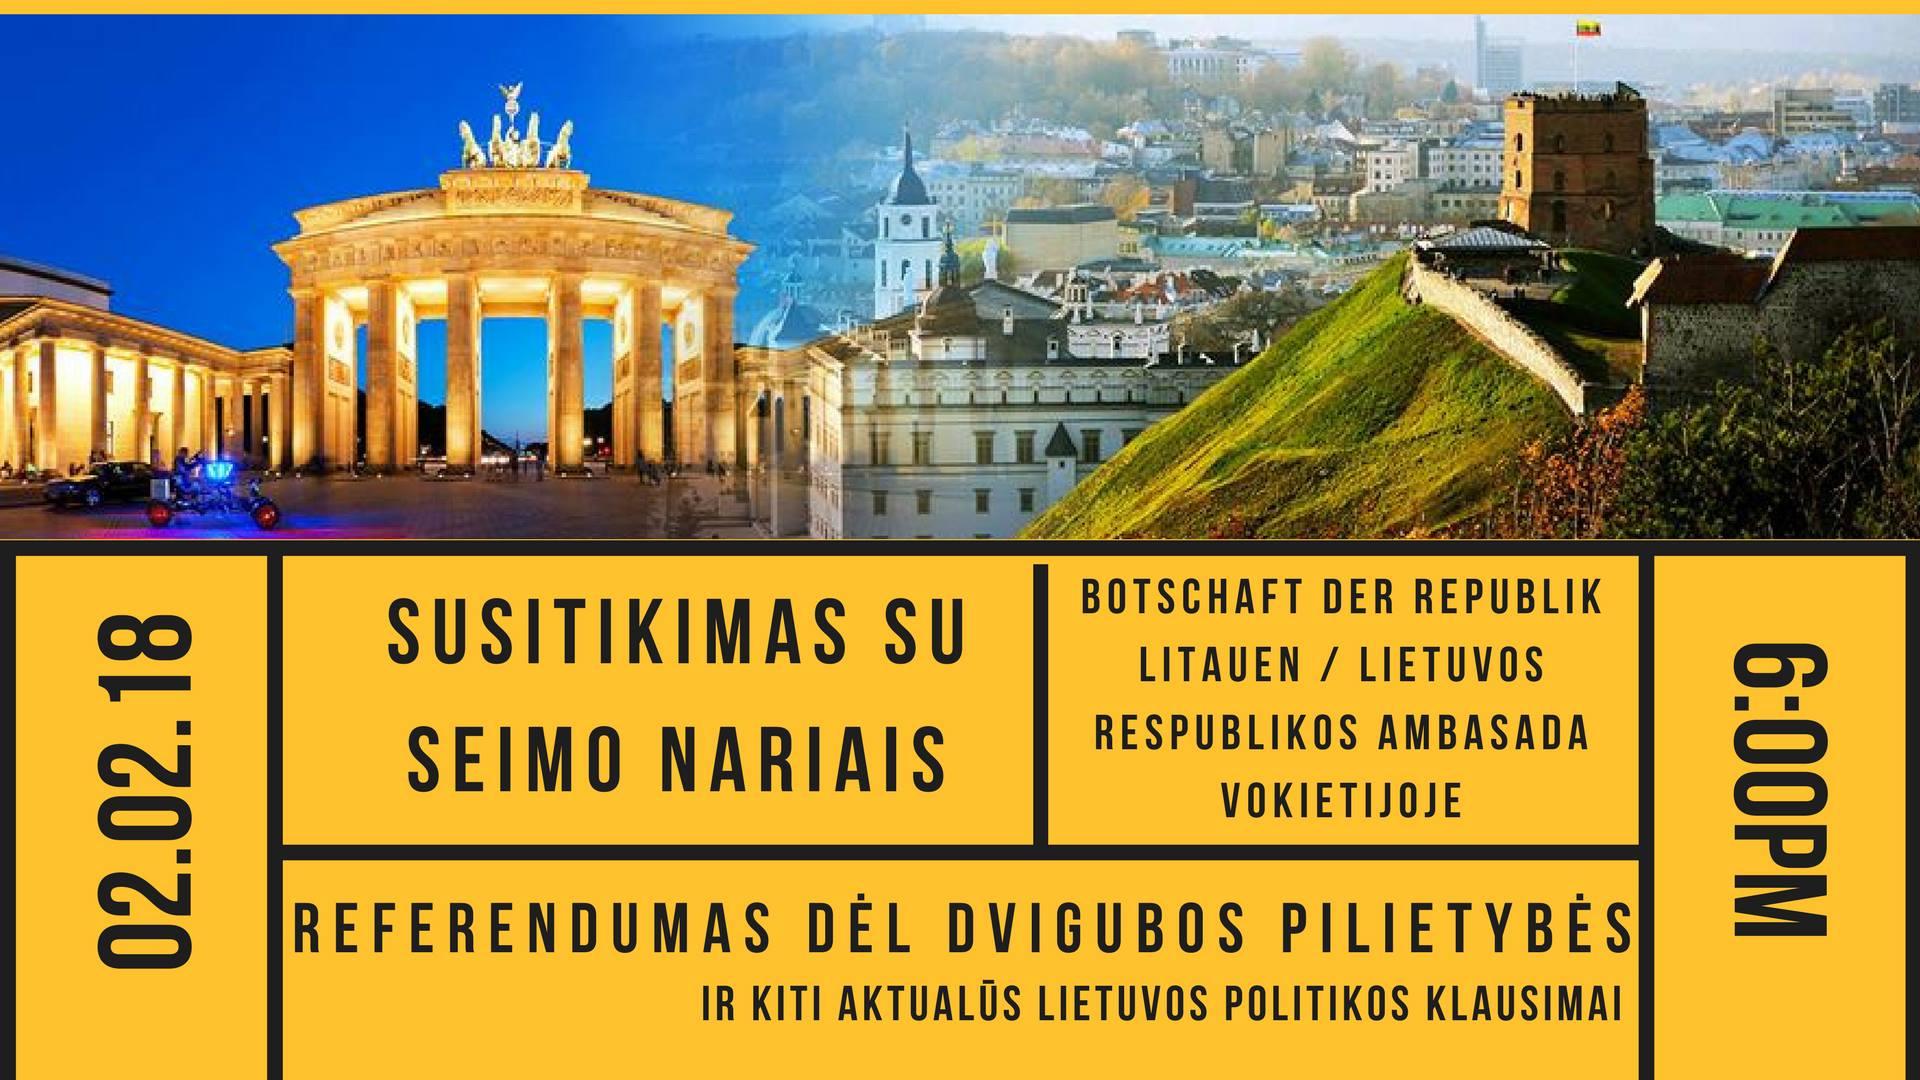 Susitikimas su Lietuvos Respublikos seimo nariais vasario 2 d. 18 val.